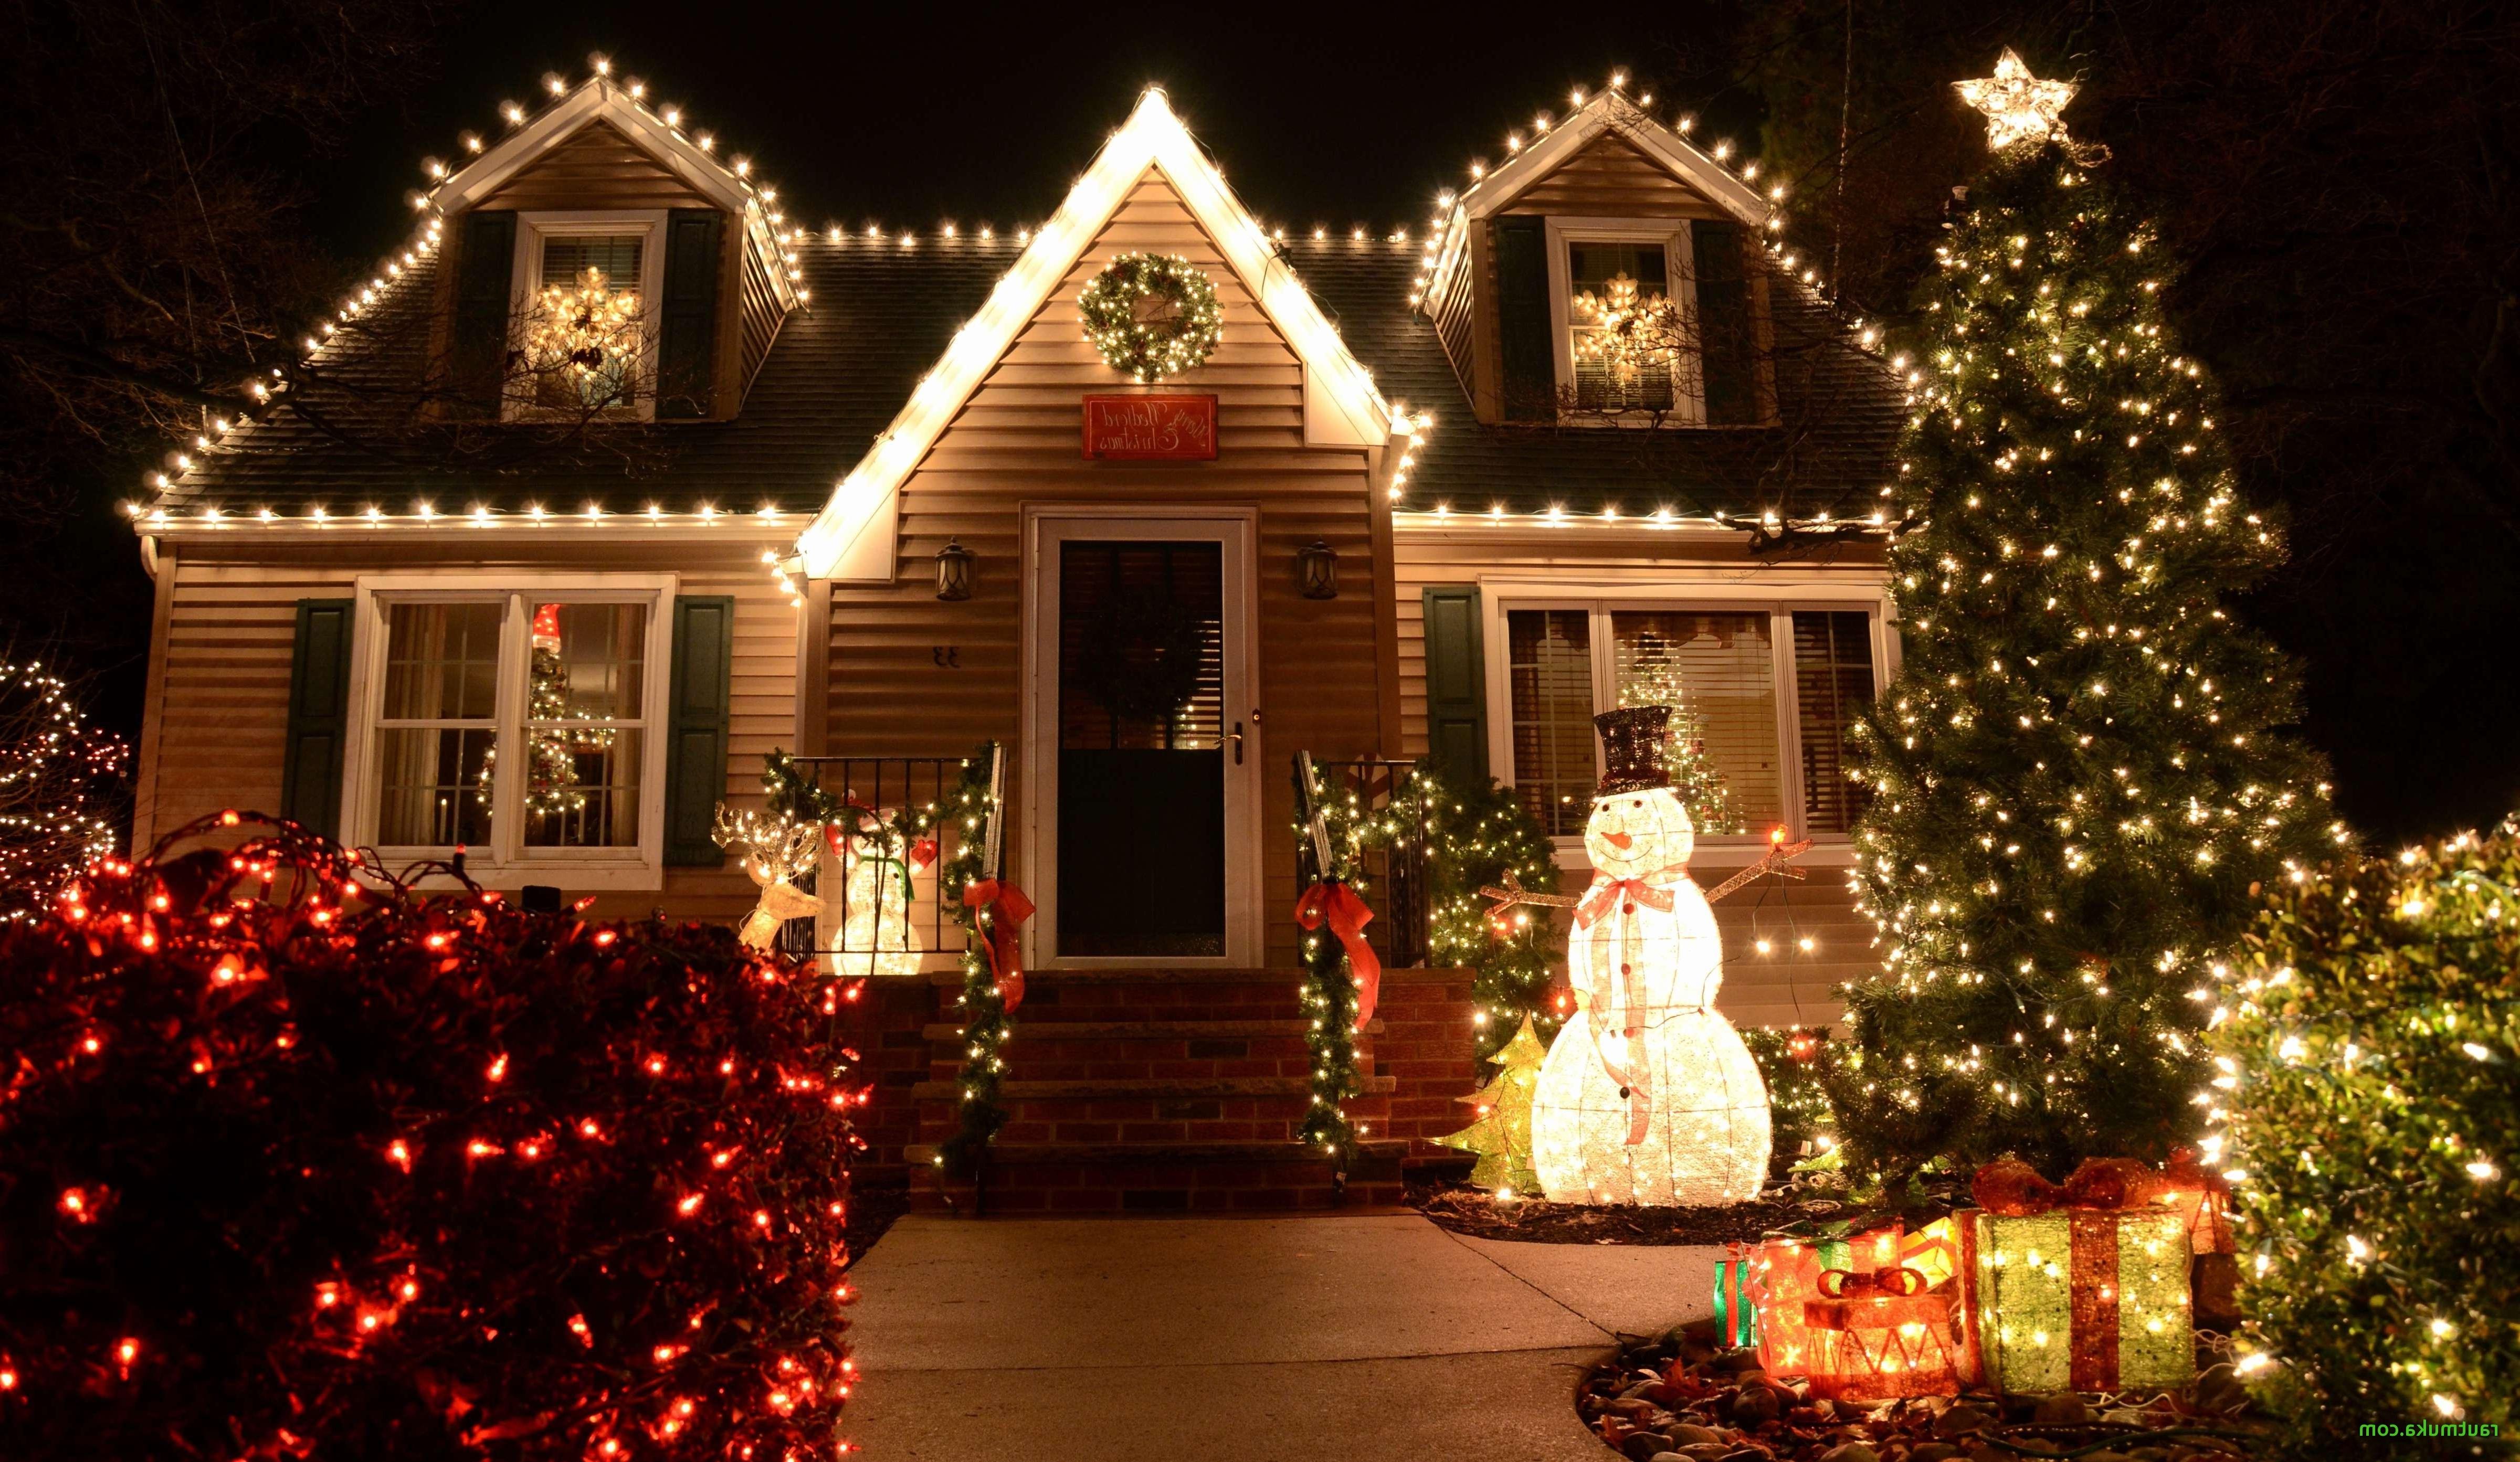 Déco festive: de nombreuses lumières pour l'extérieur de votre maison!